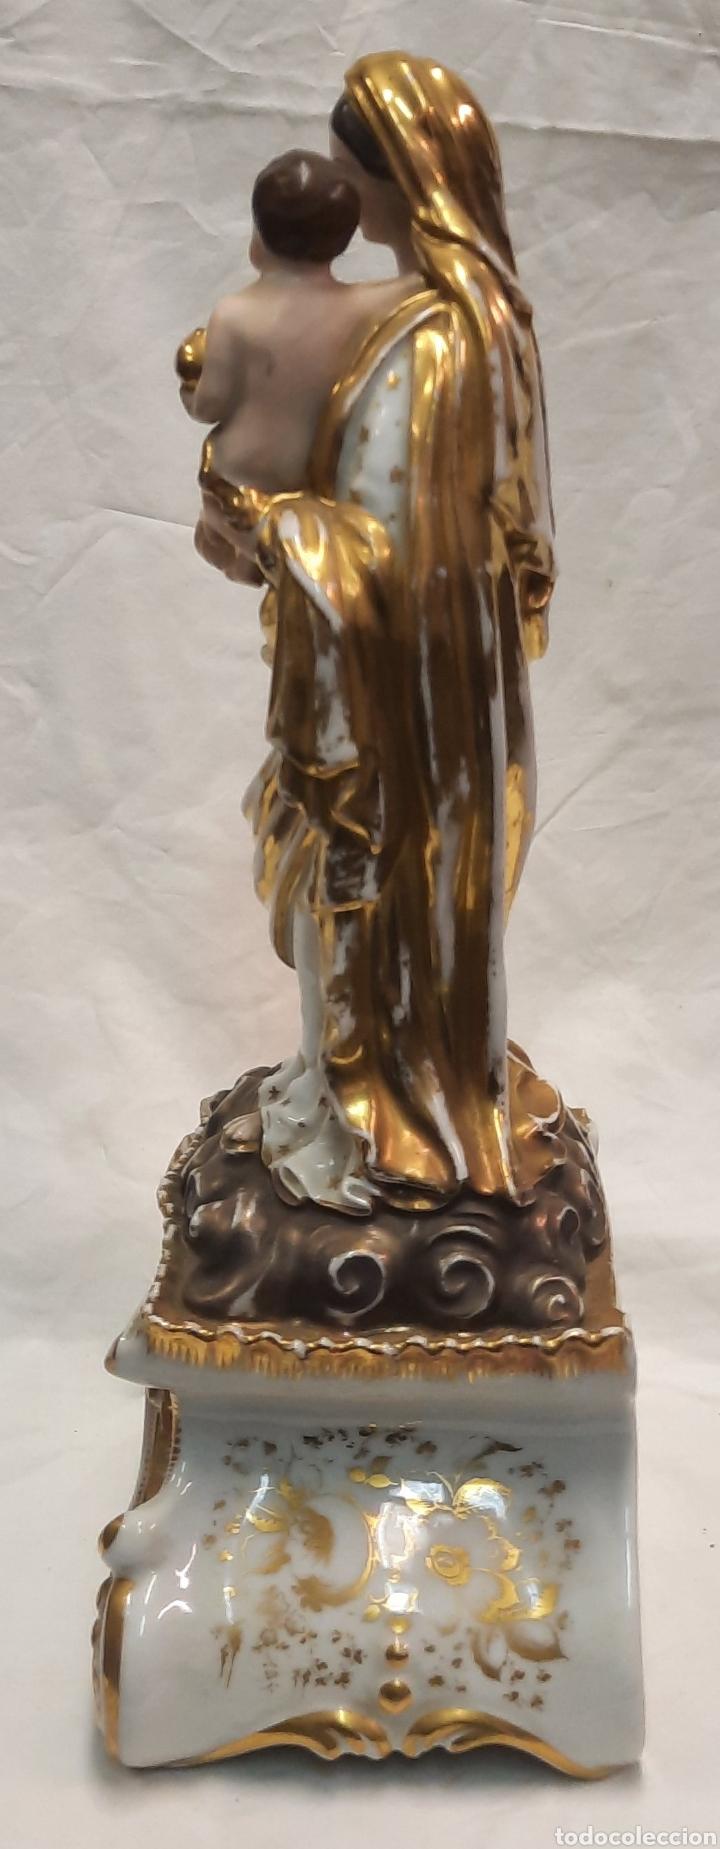 Antigüedades: Antigua figura de Virgen ceramica viejo París - Foto 9 - 244088200